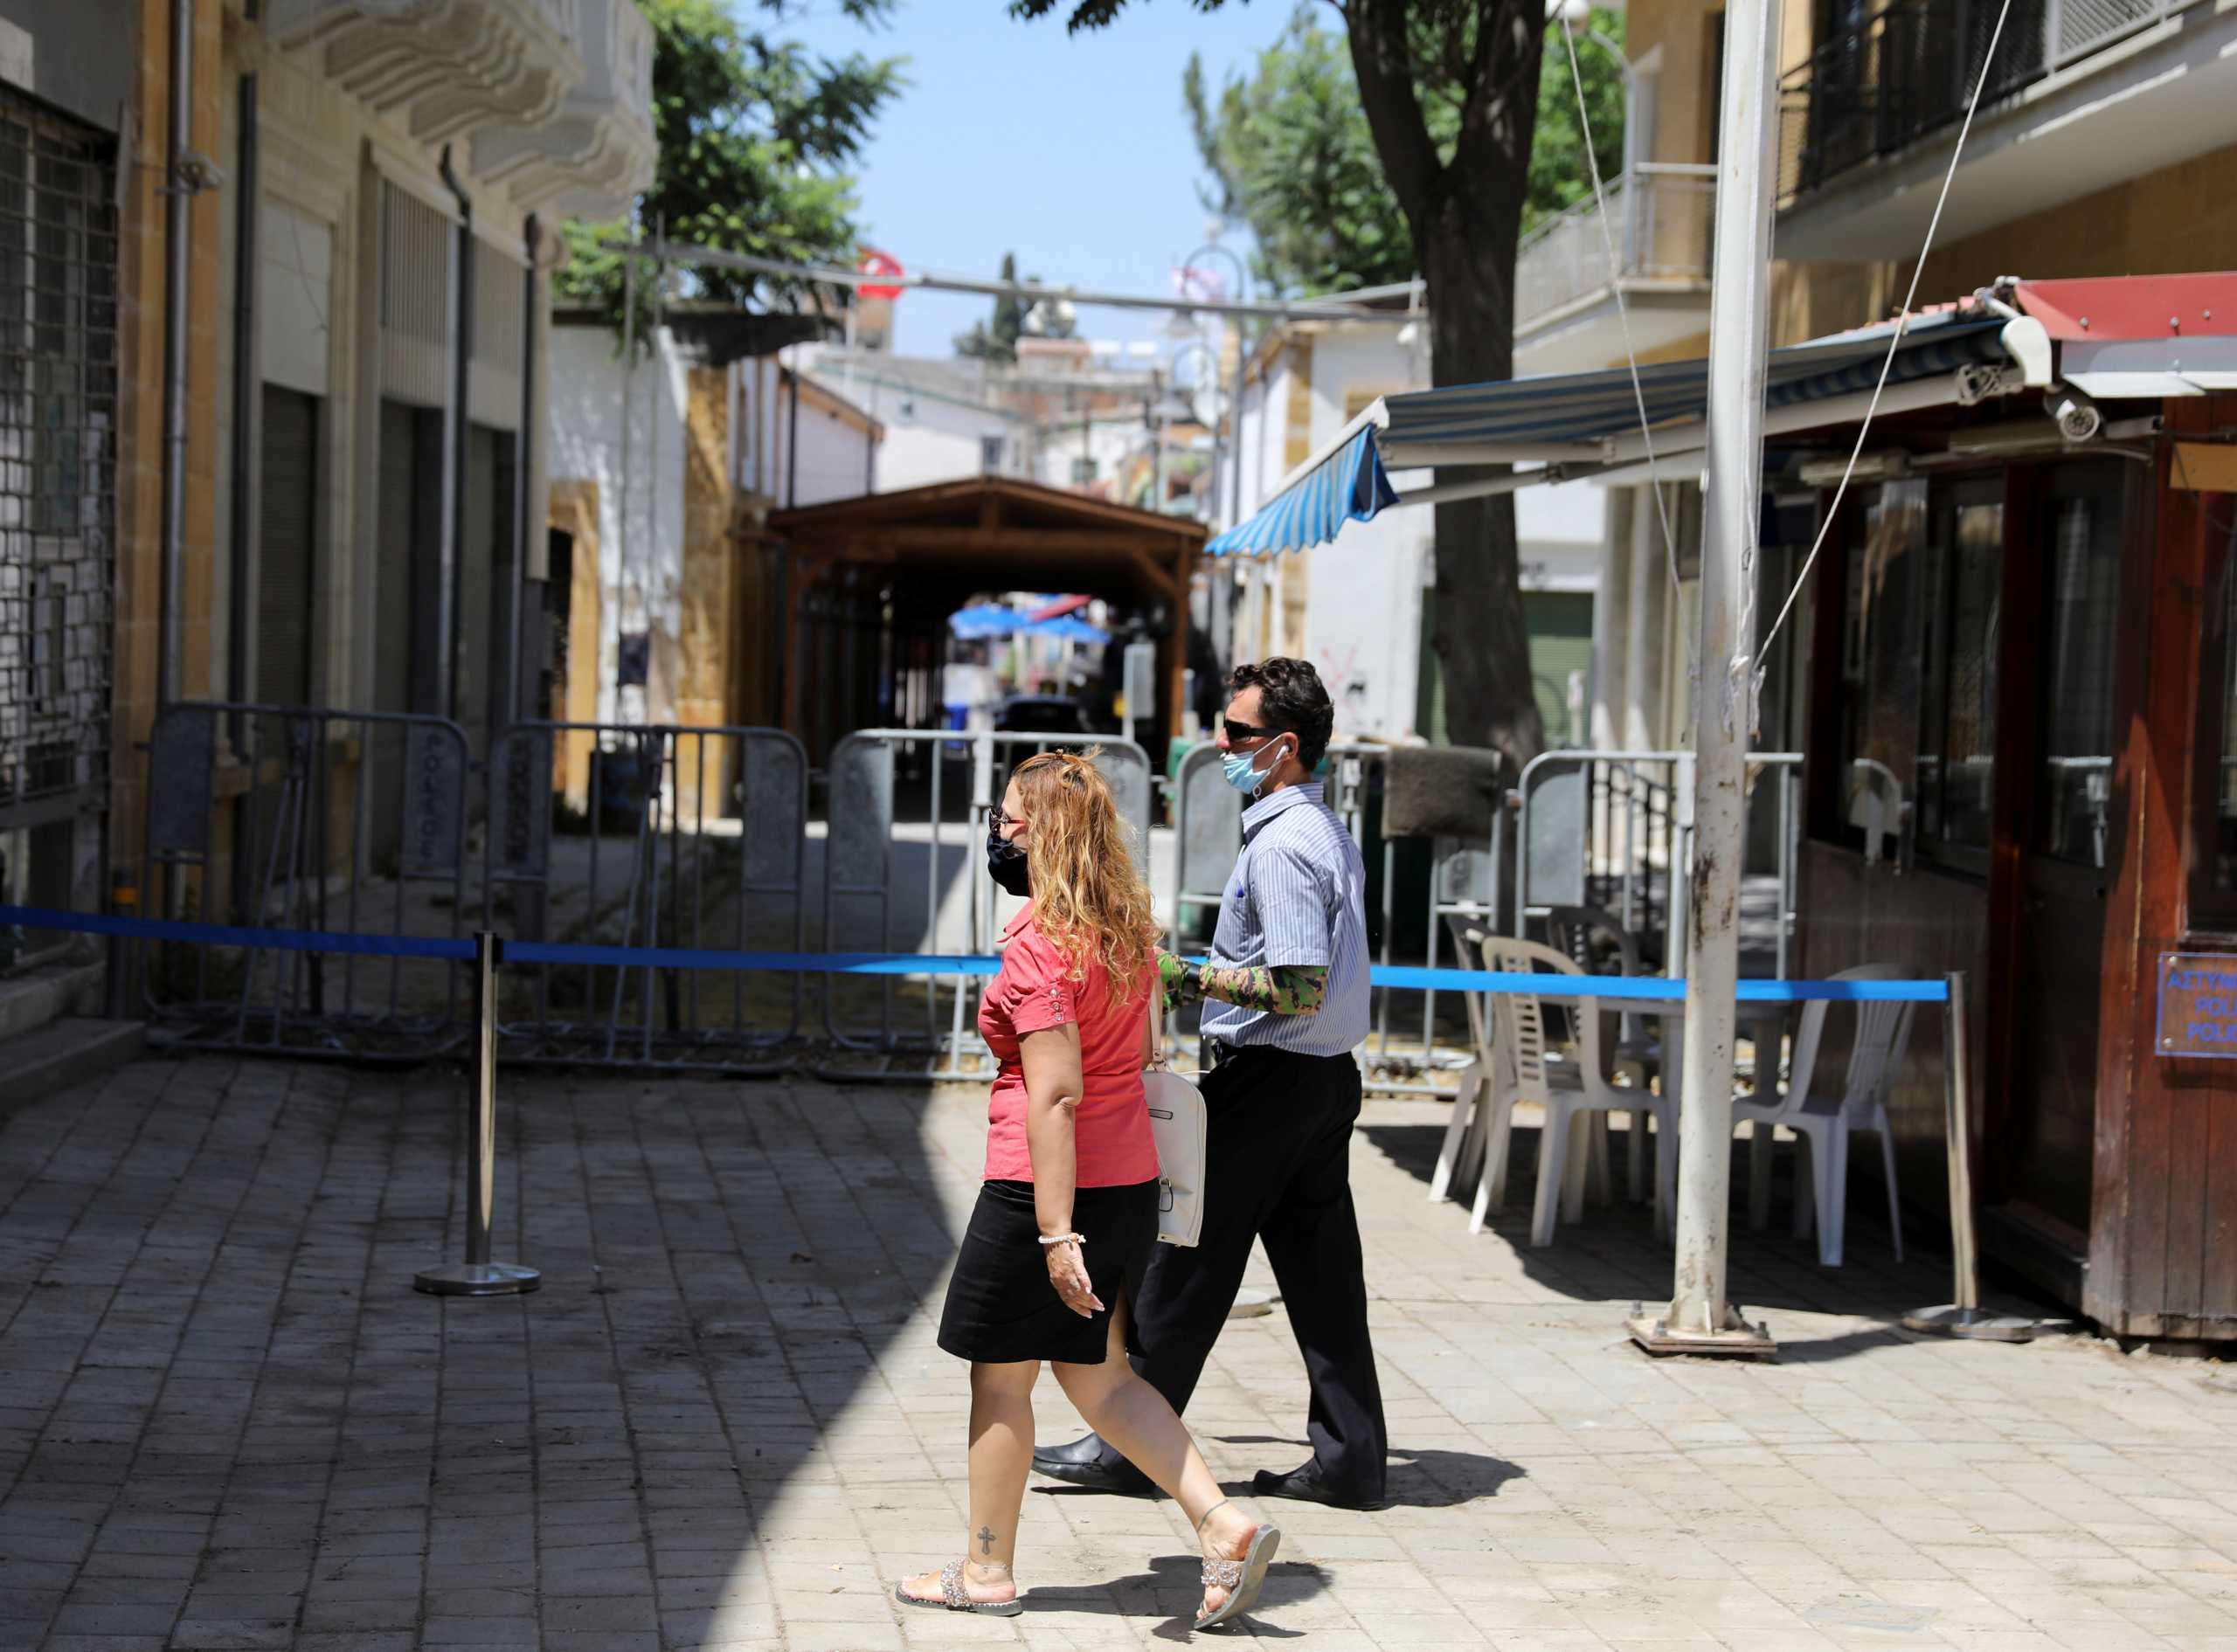 Κύπρος:Ένας θάνατος και 230 νέα κρούσματα κορονοϊού το τελευταίο 24ωρο